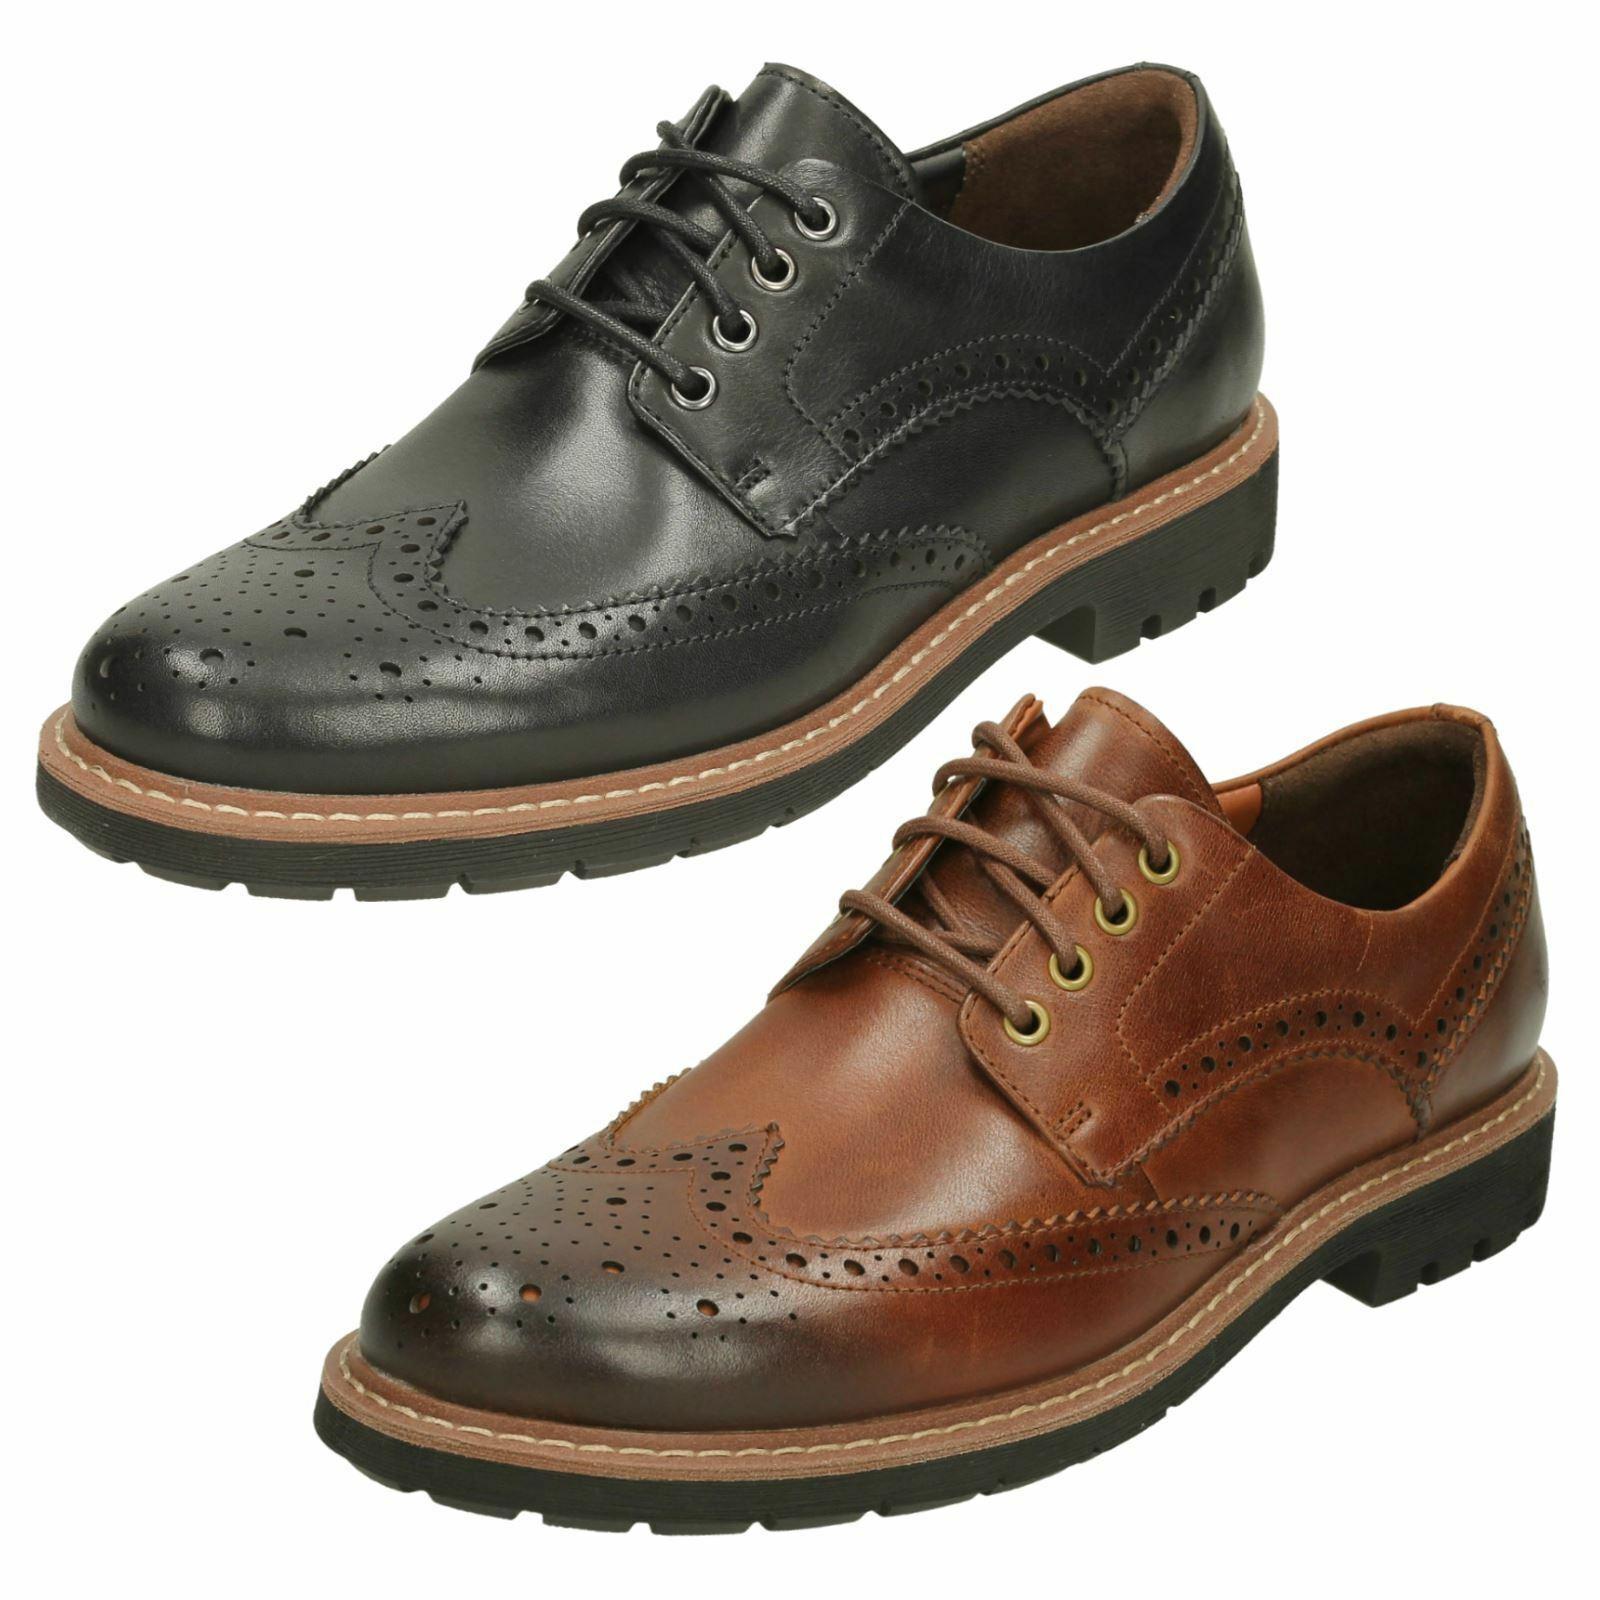 Clarks pour Hommes Habillé Décontracté Travail Richelieu Cuir Lacets Chaussures